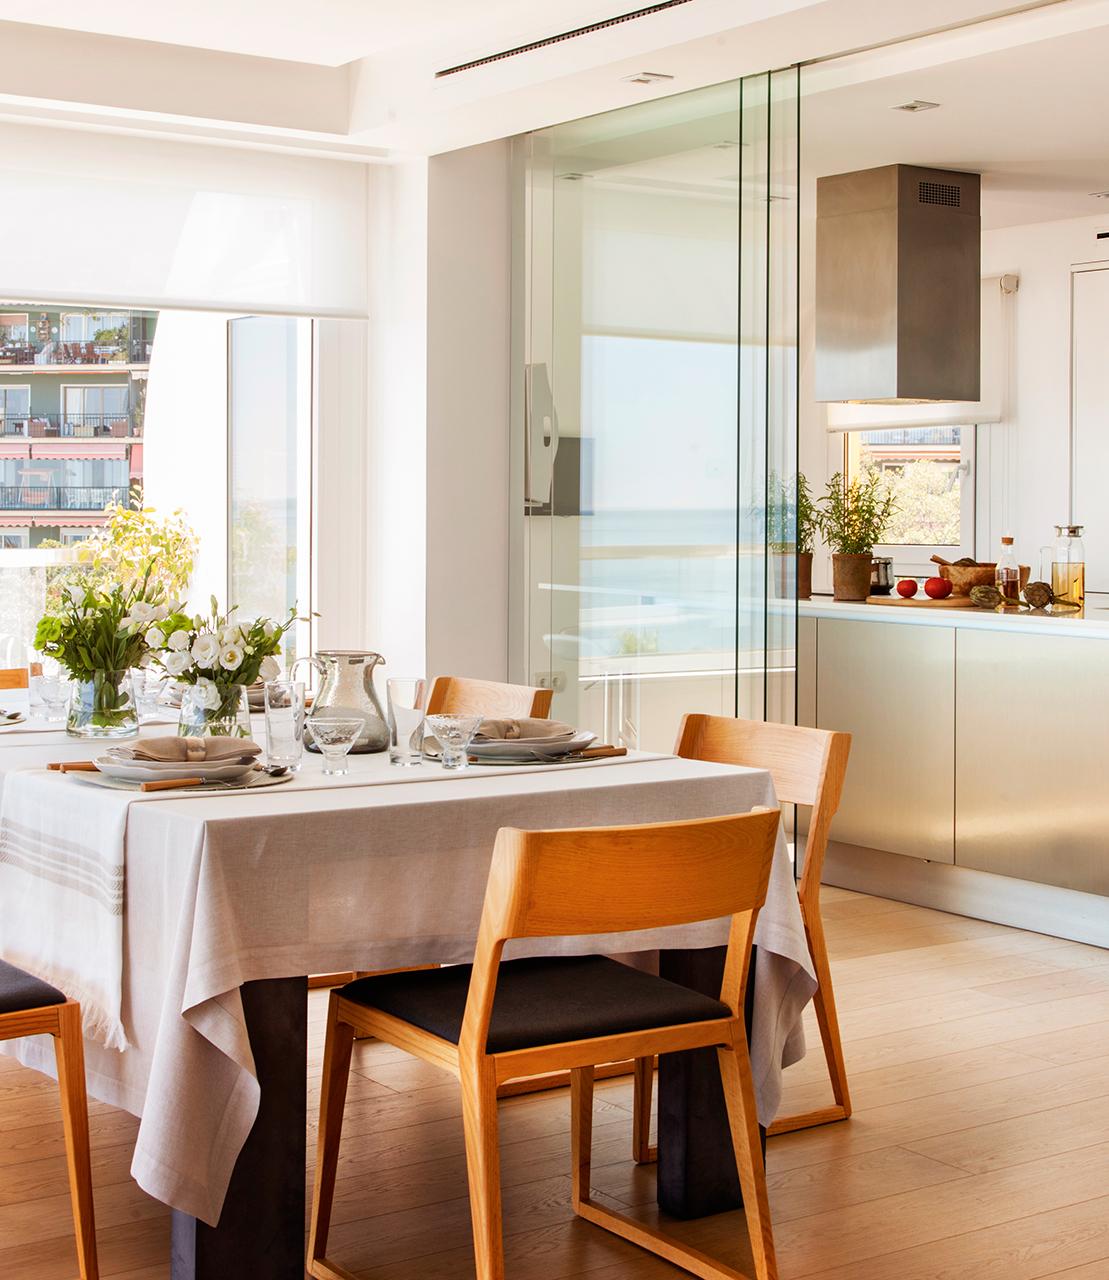 Claves para abrir la cocina al comedor o el sal n y ganar for Comedor y cocina modernos